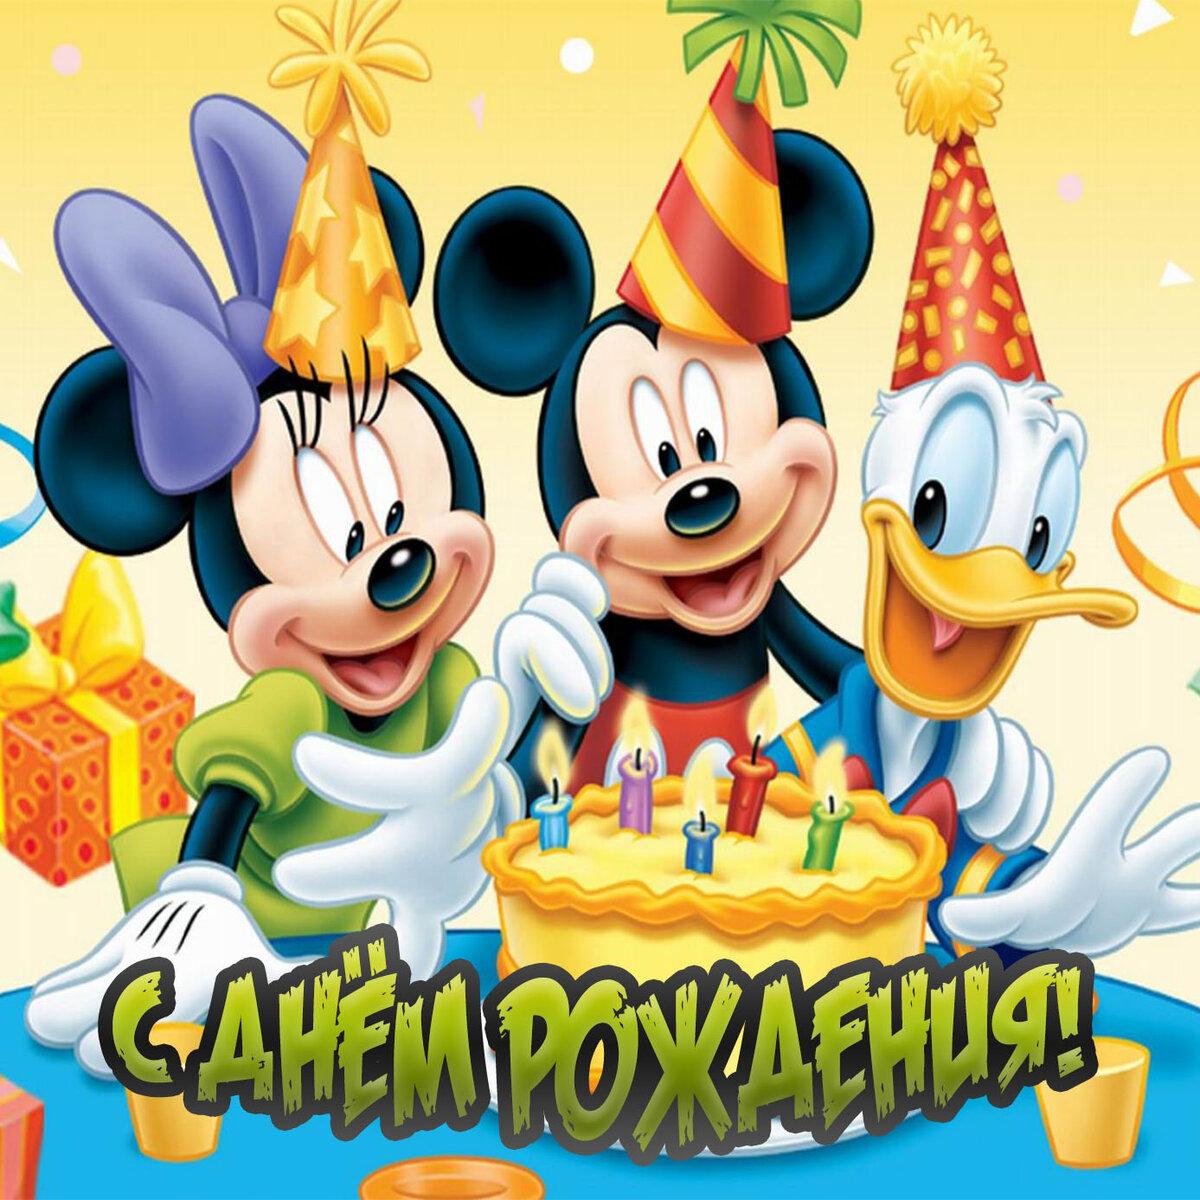 Картинки для открытки с днем рождения мальчику